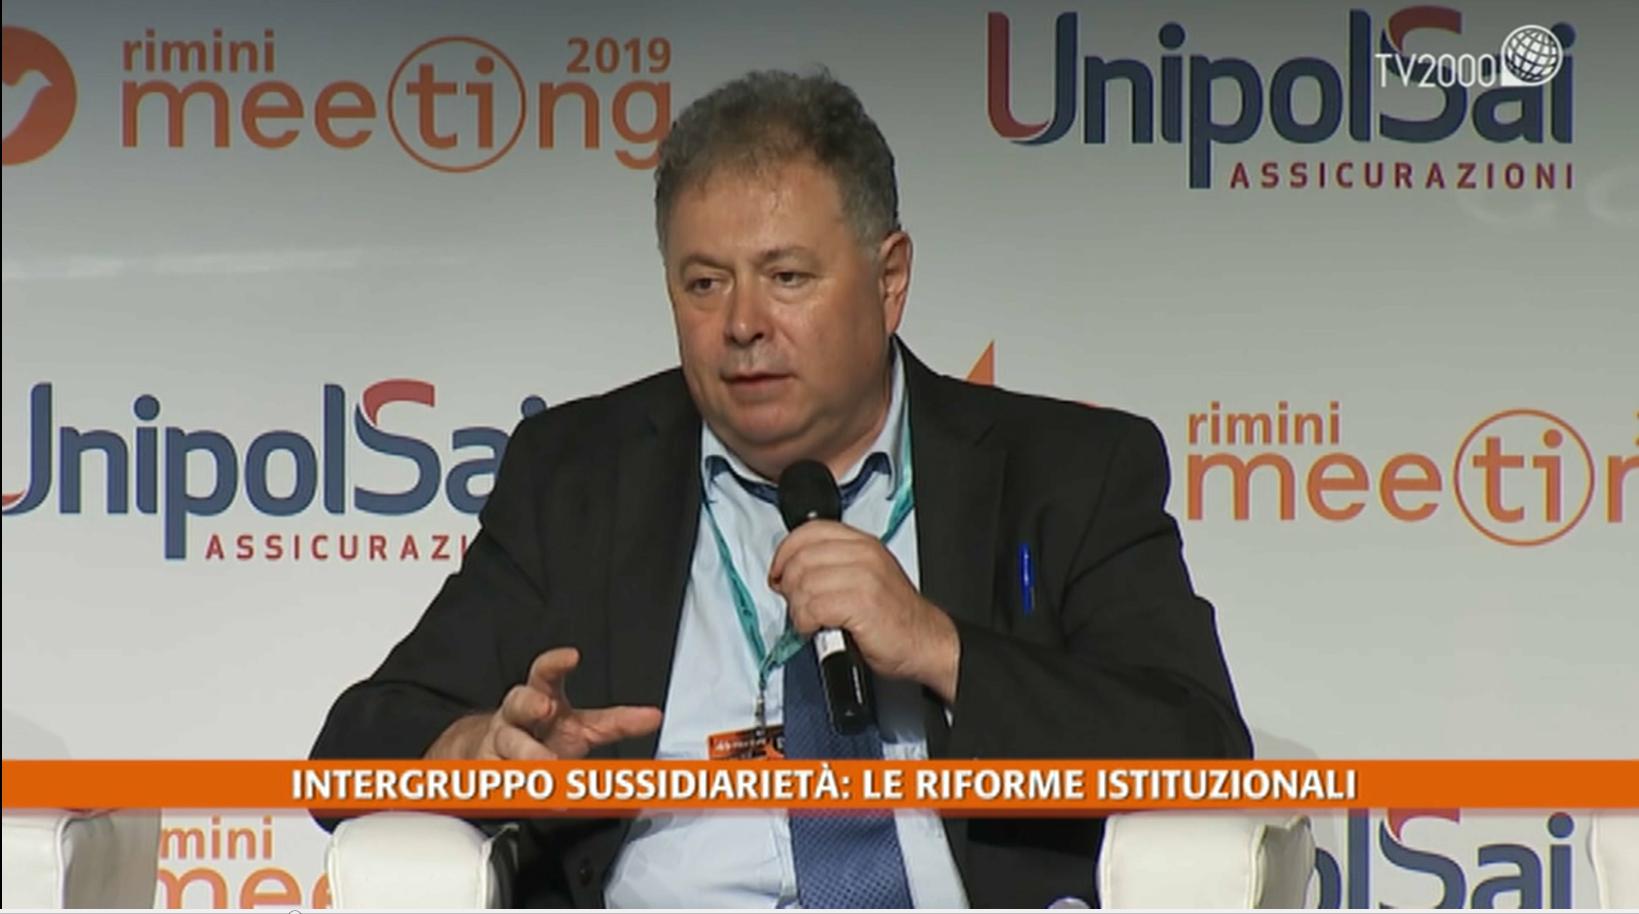 Gli incontri del Meeting di Rimini, 23 agosto 2019